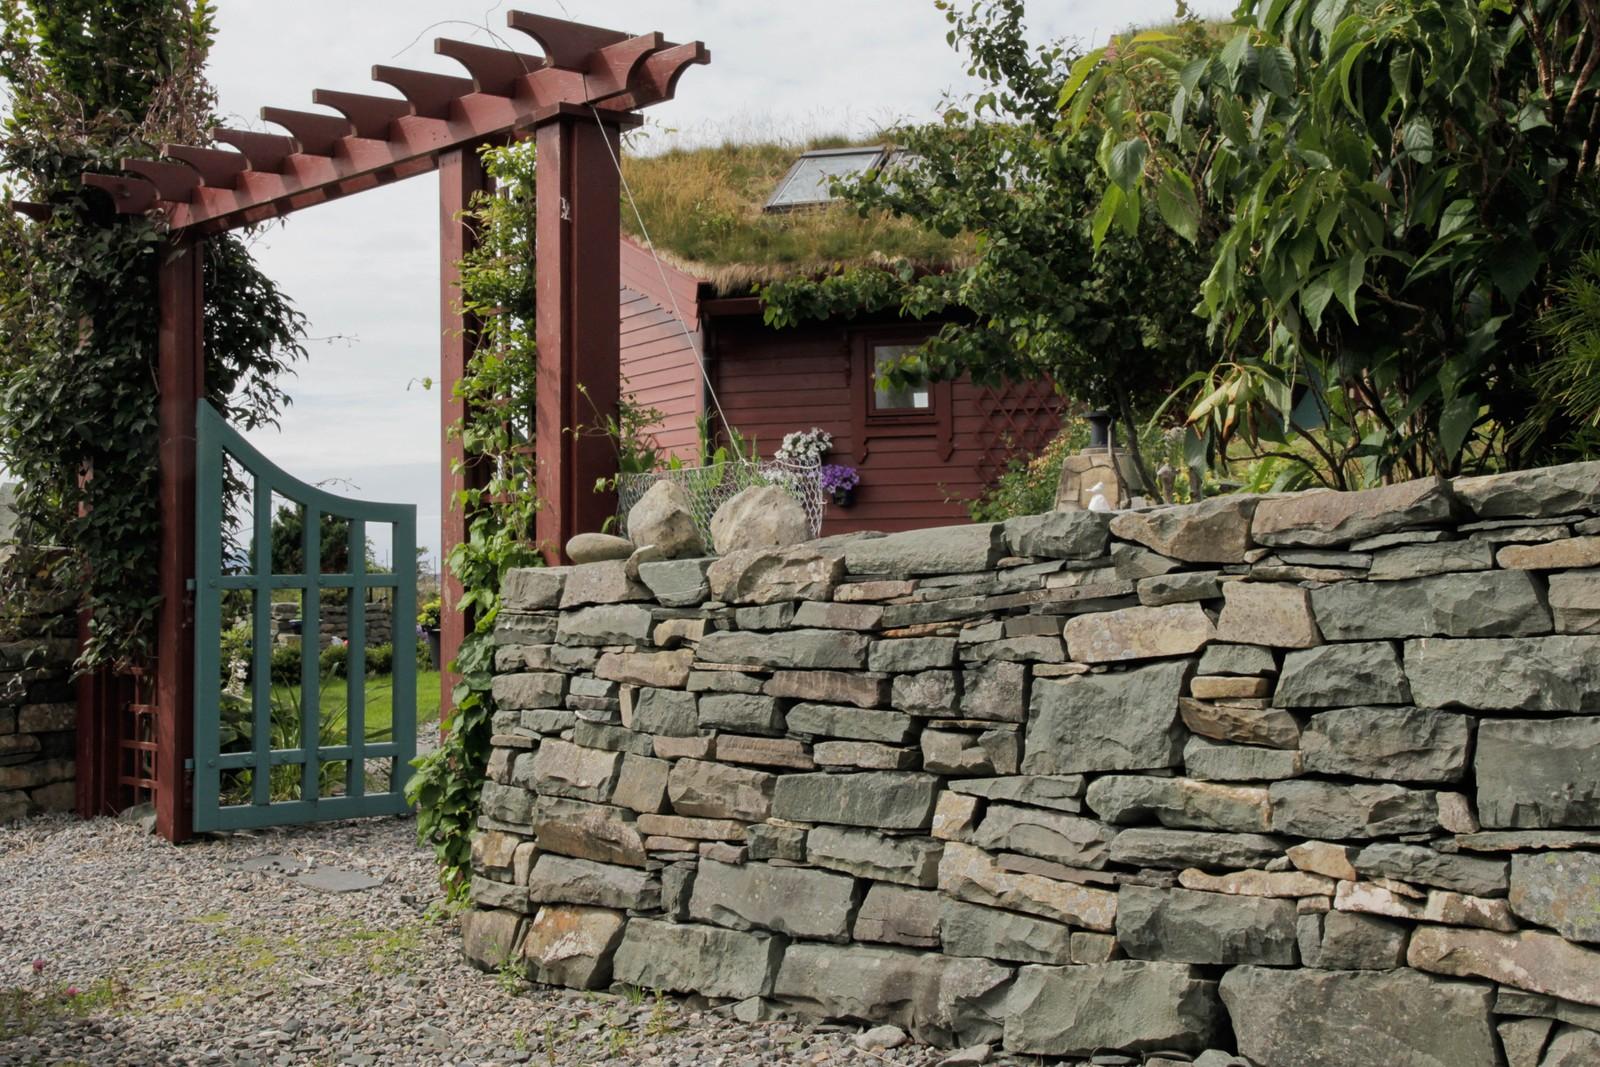 Steinen Berit Steen har bygd mur av har dei samla rundt på øya Hovden, og den grønmåla porten har ho snikra sjøl.